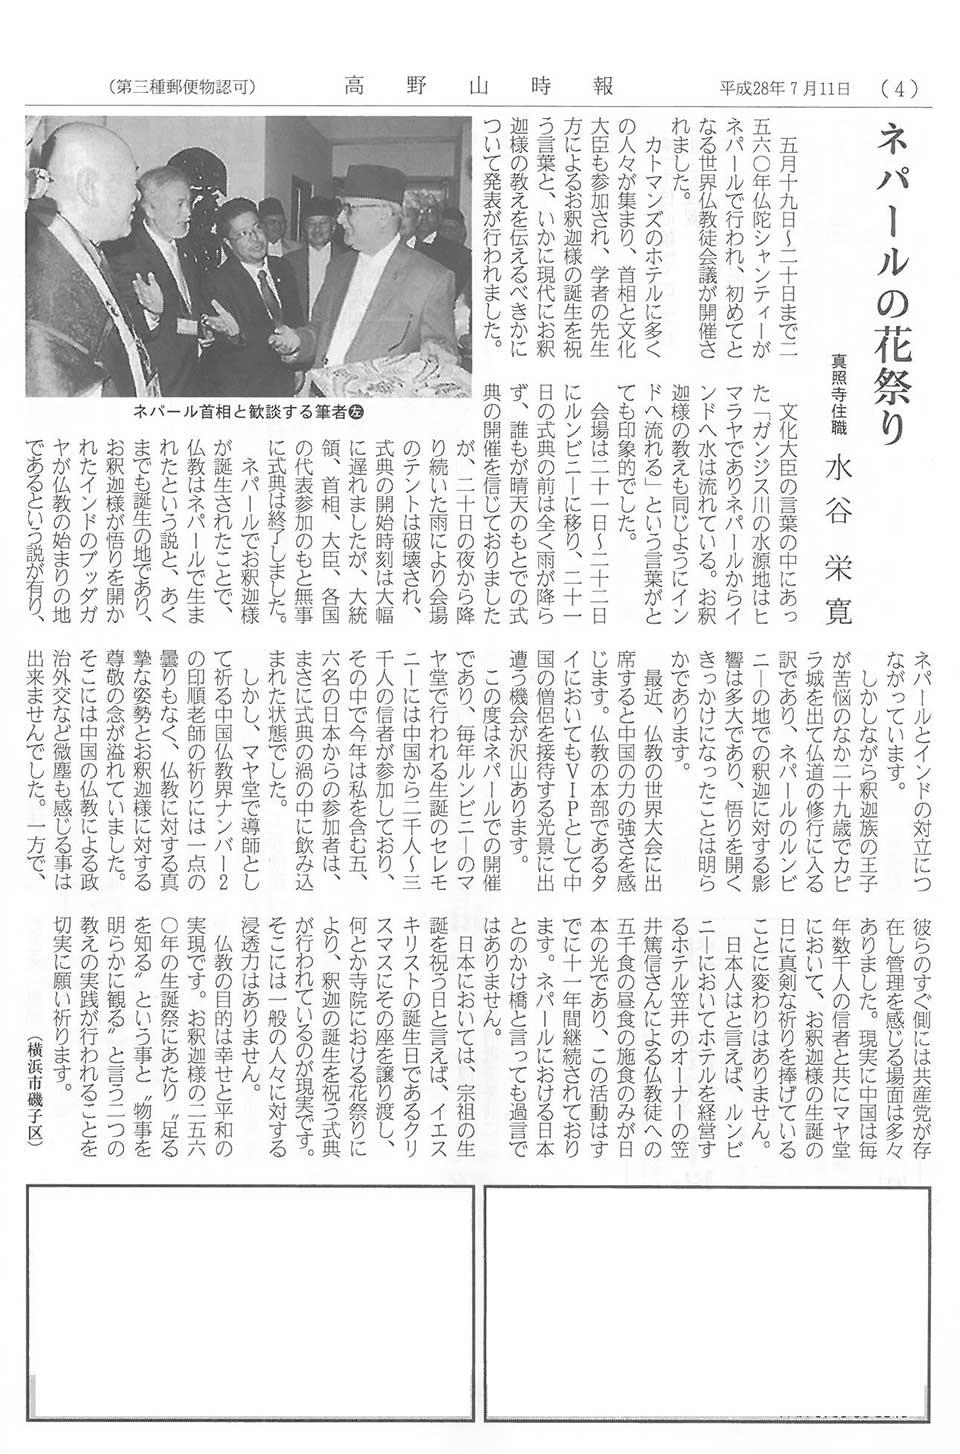 http://www.serenbutu.jp/news/20160711koyasan.jpg